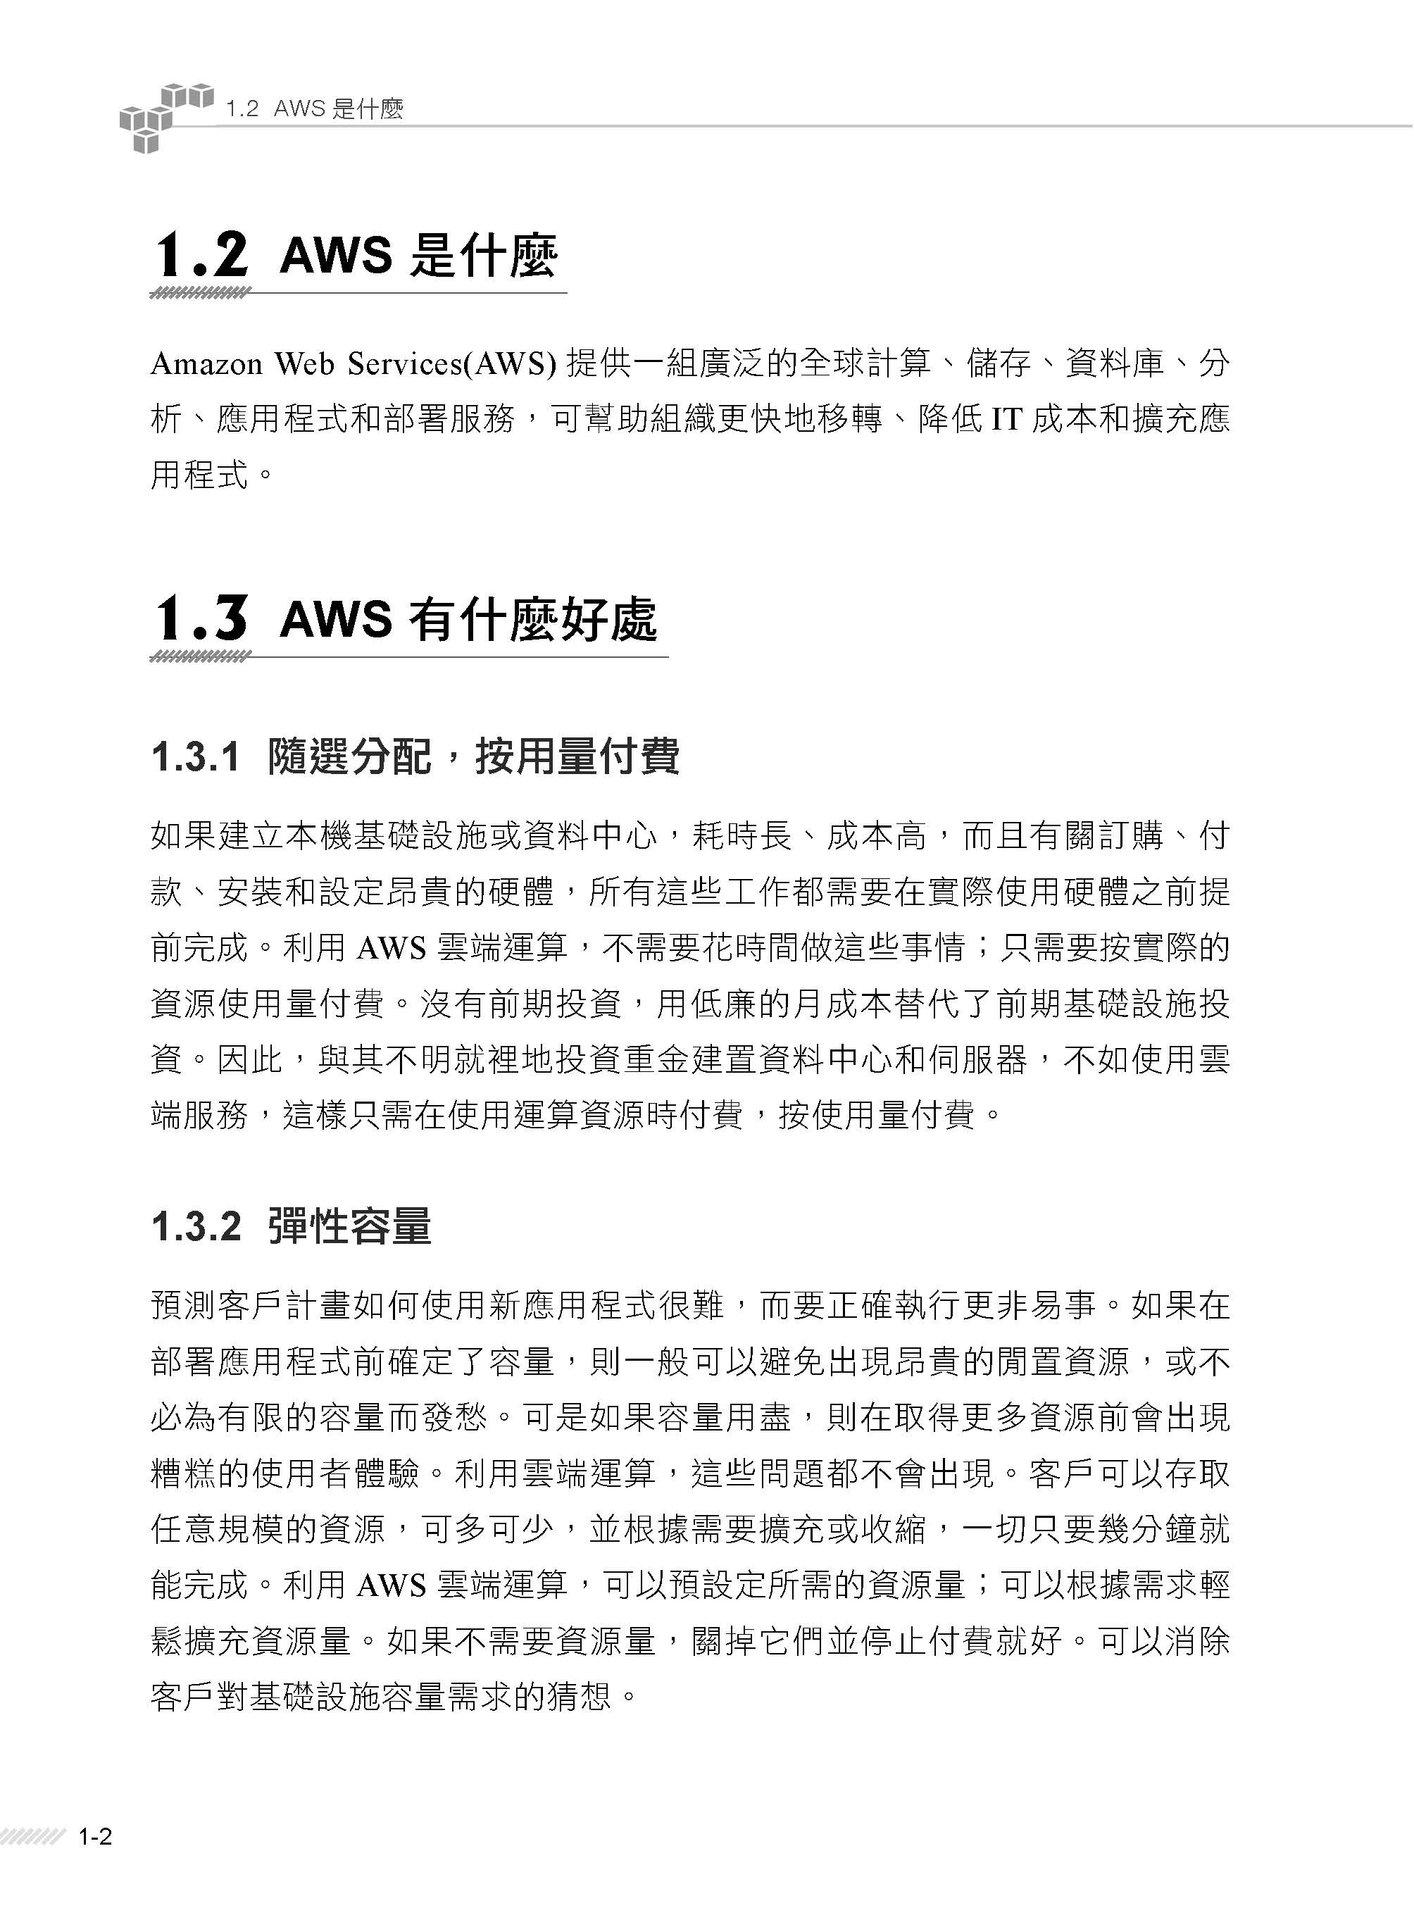 用世界第一的服務:AWS 雲端平台把玩書 -preview-2